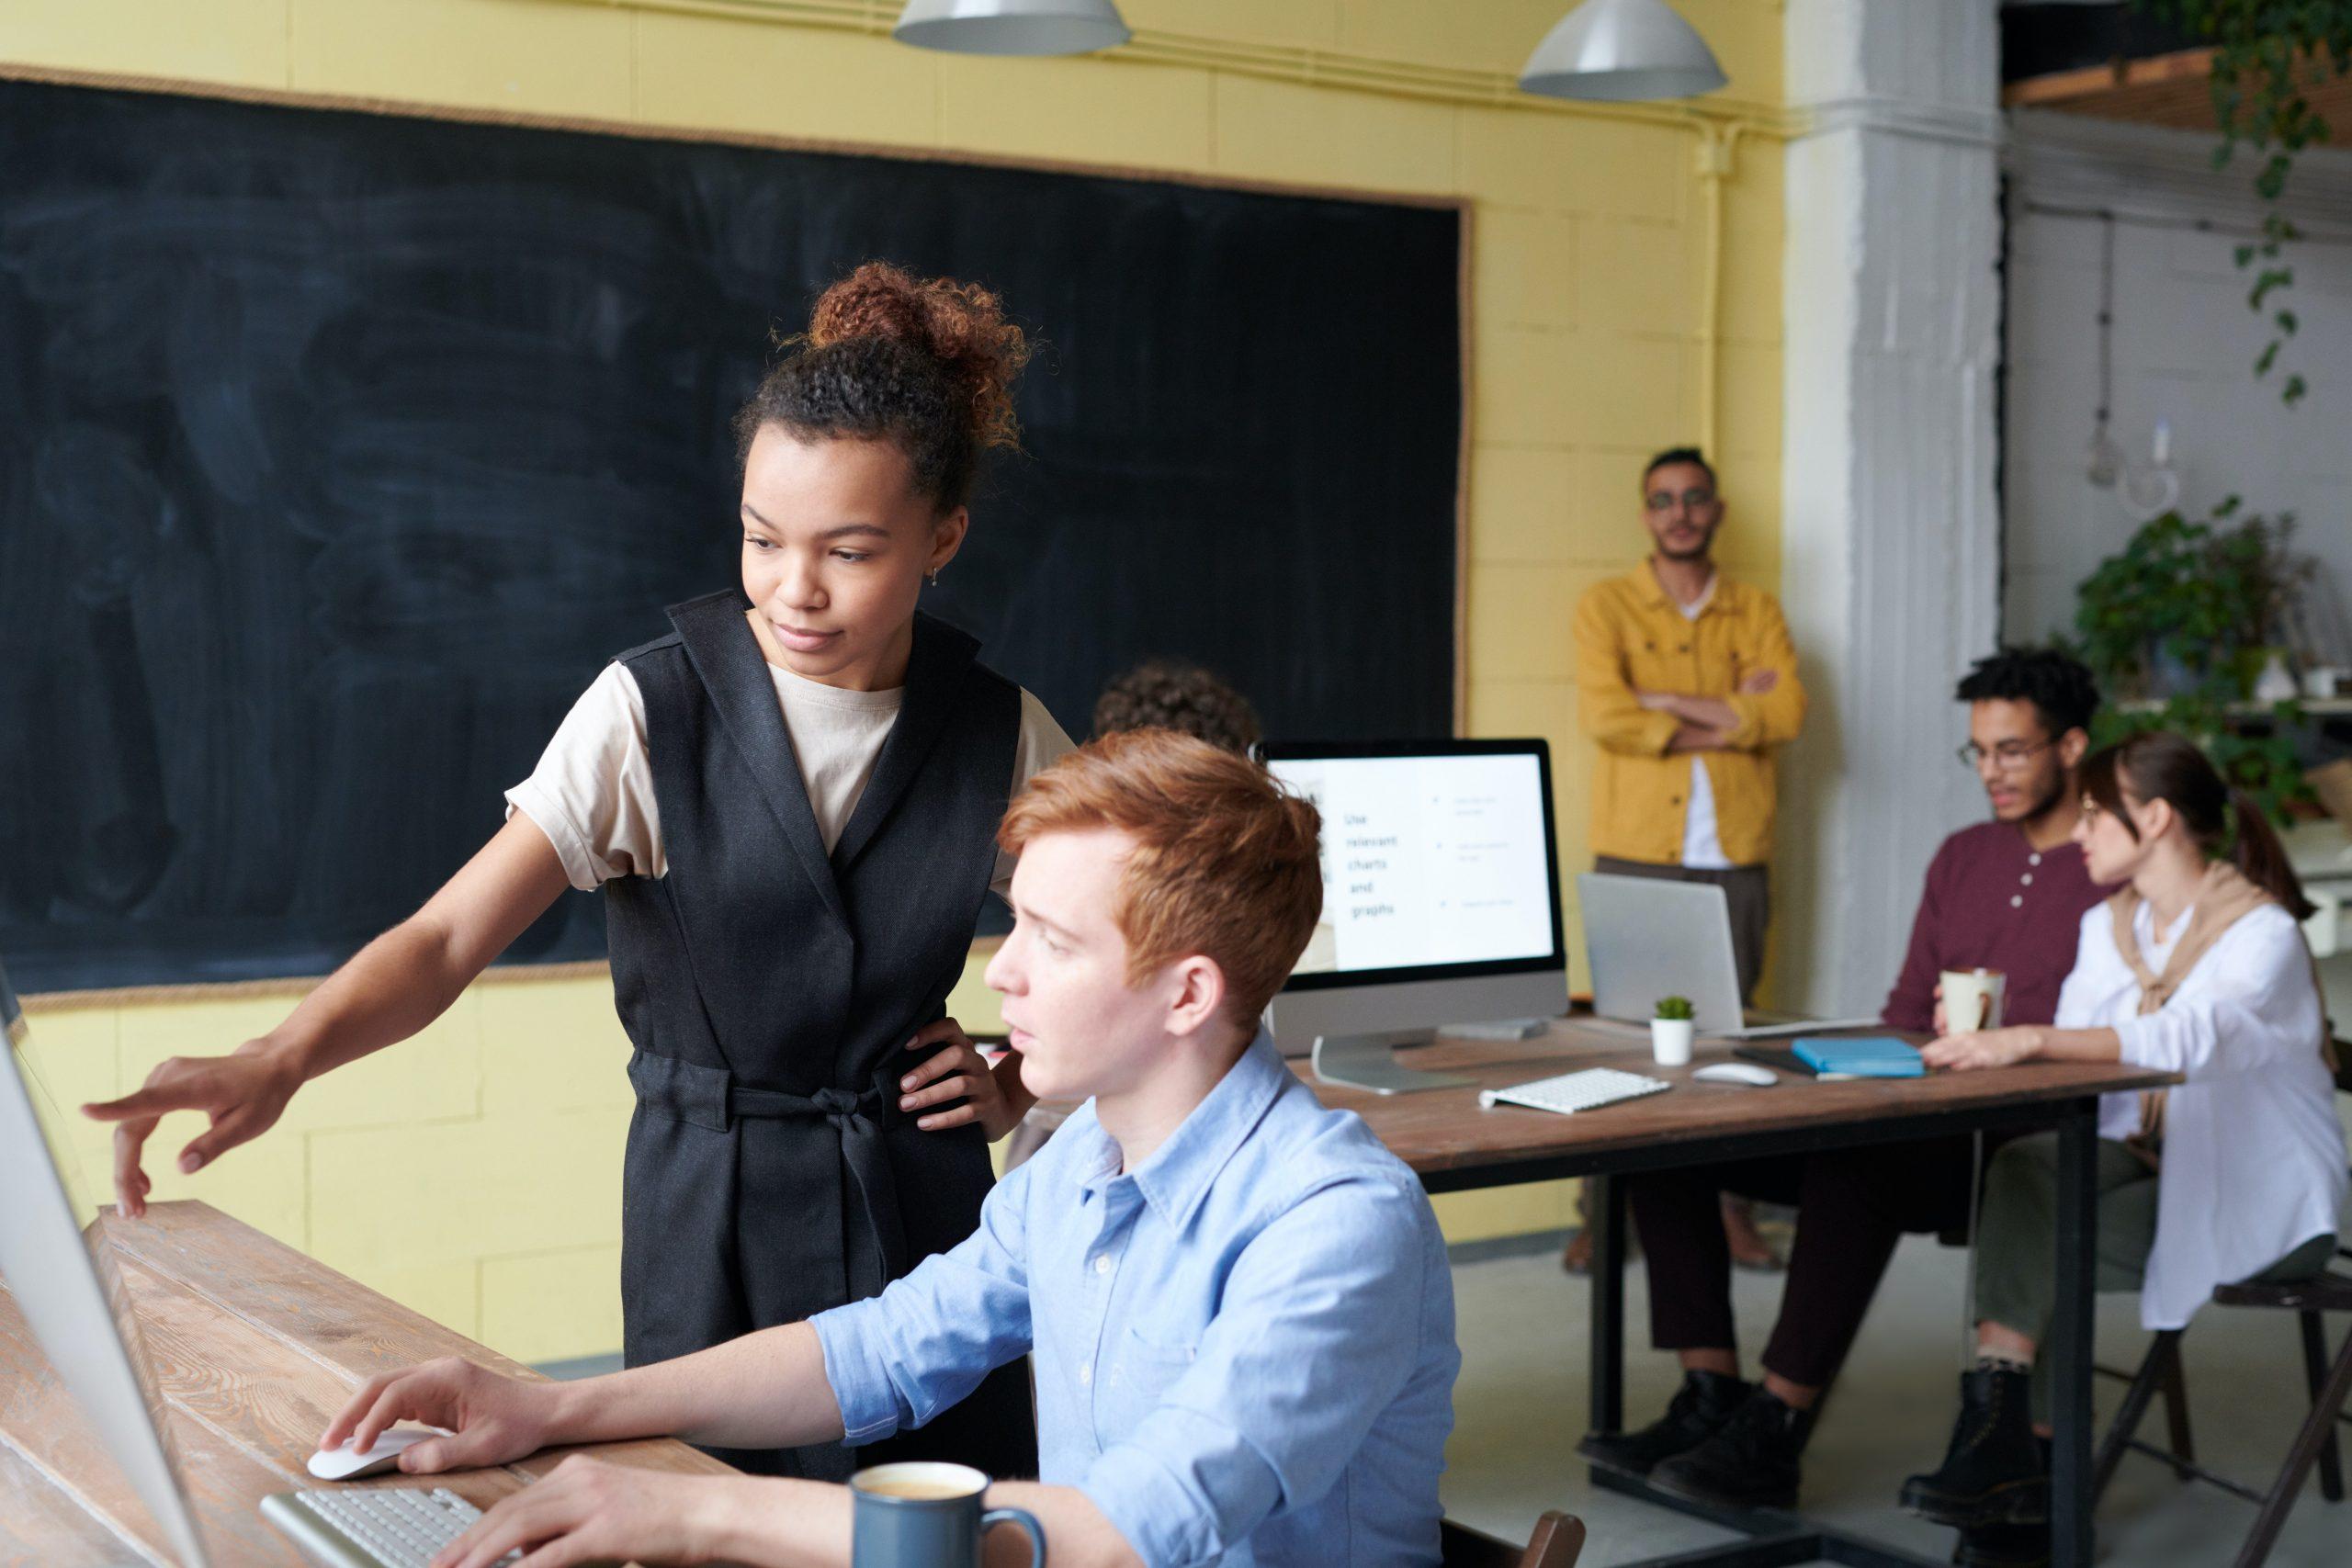 Ein Mann sitzt vor seinem Bildschirm, eine neben ihm stehende Frau zeigt auf den Bildschirm und erklärt etwas.